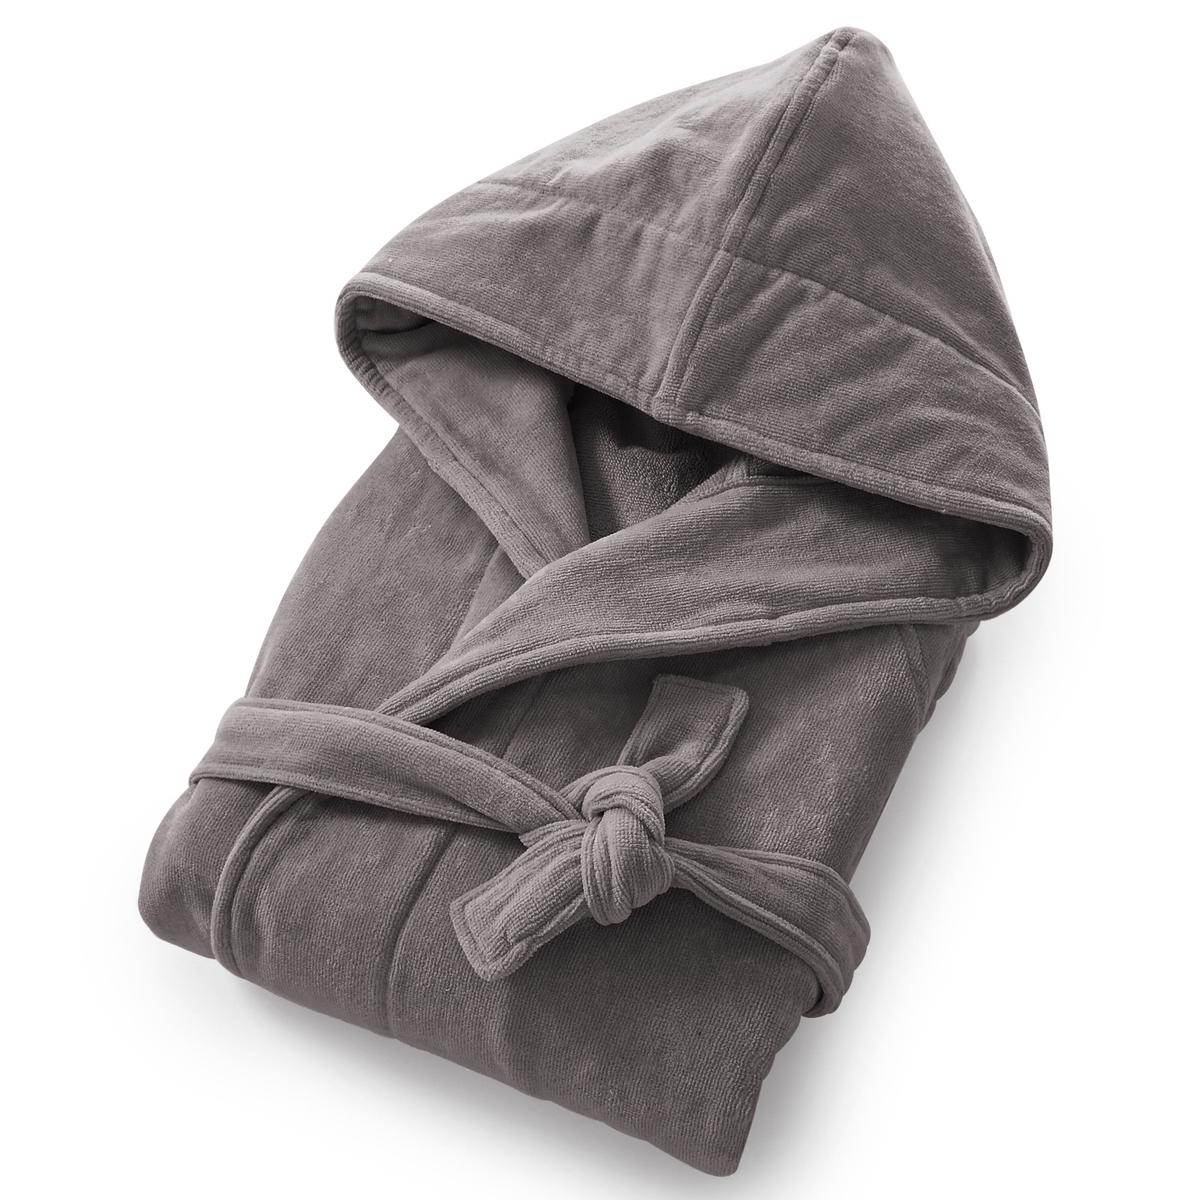 Пеньюар из махровой велюровой ткани 450 г/м², Качество Best наматрасник натяжной из эластичной махровой ткани 400 г м² с пропиткой из непромокаемого пвх